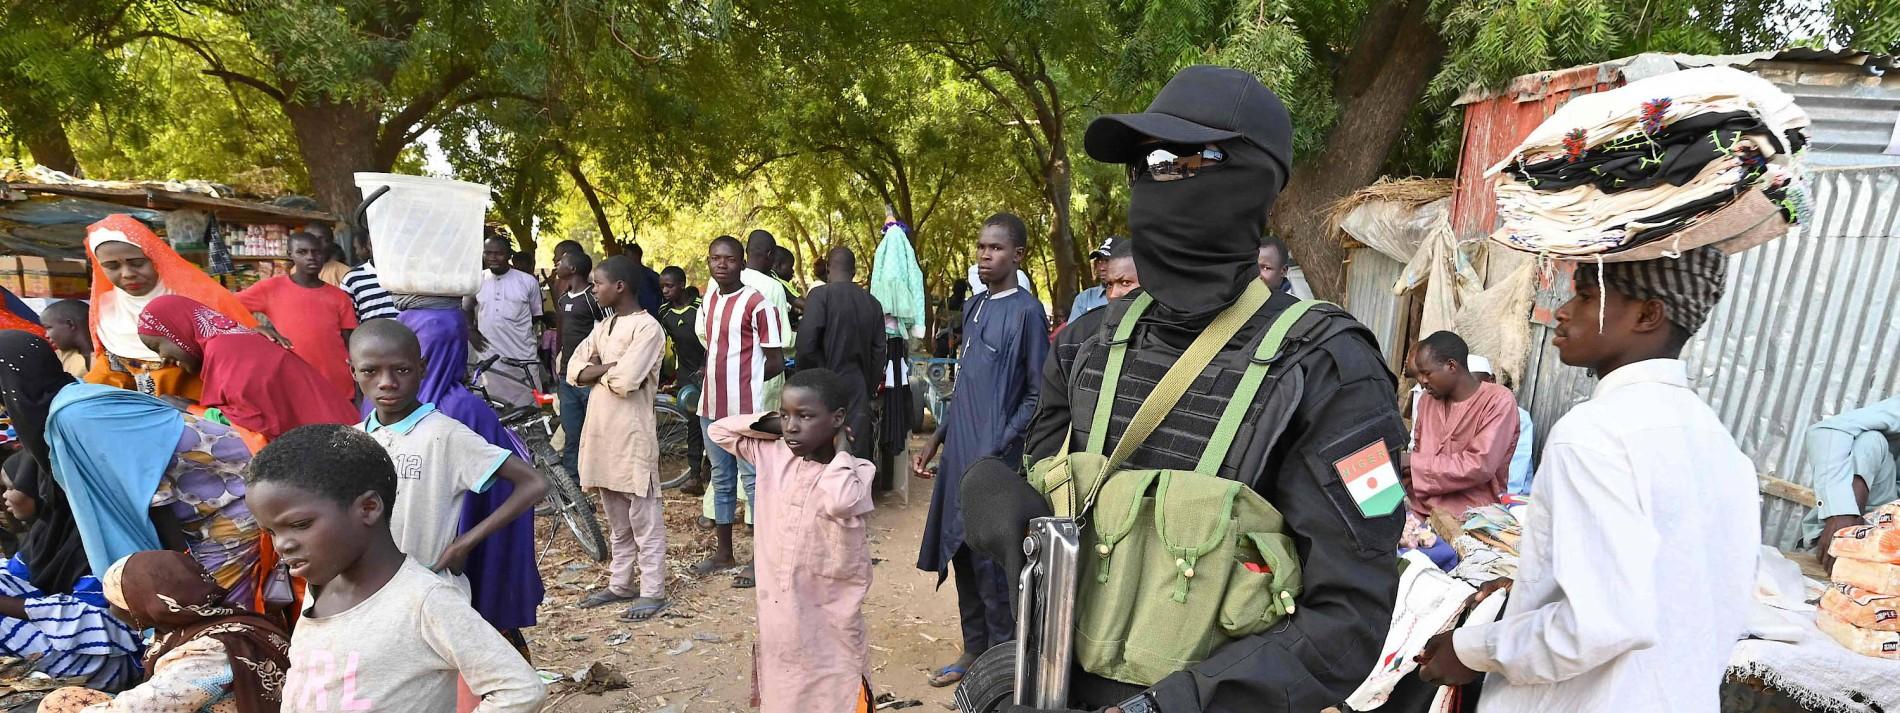 Warum sich immer mehr Menschen Boko Haram anschließen